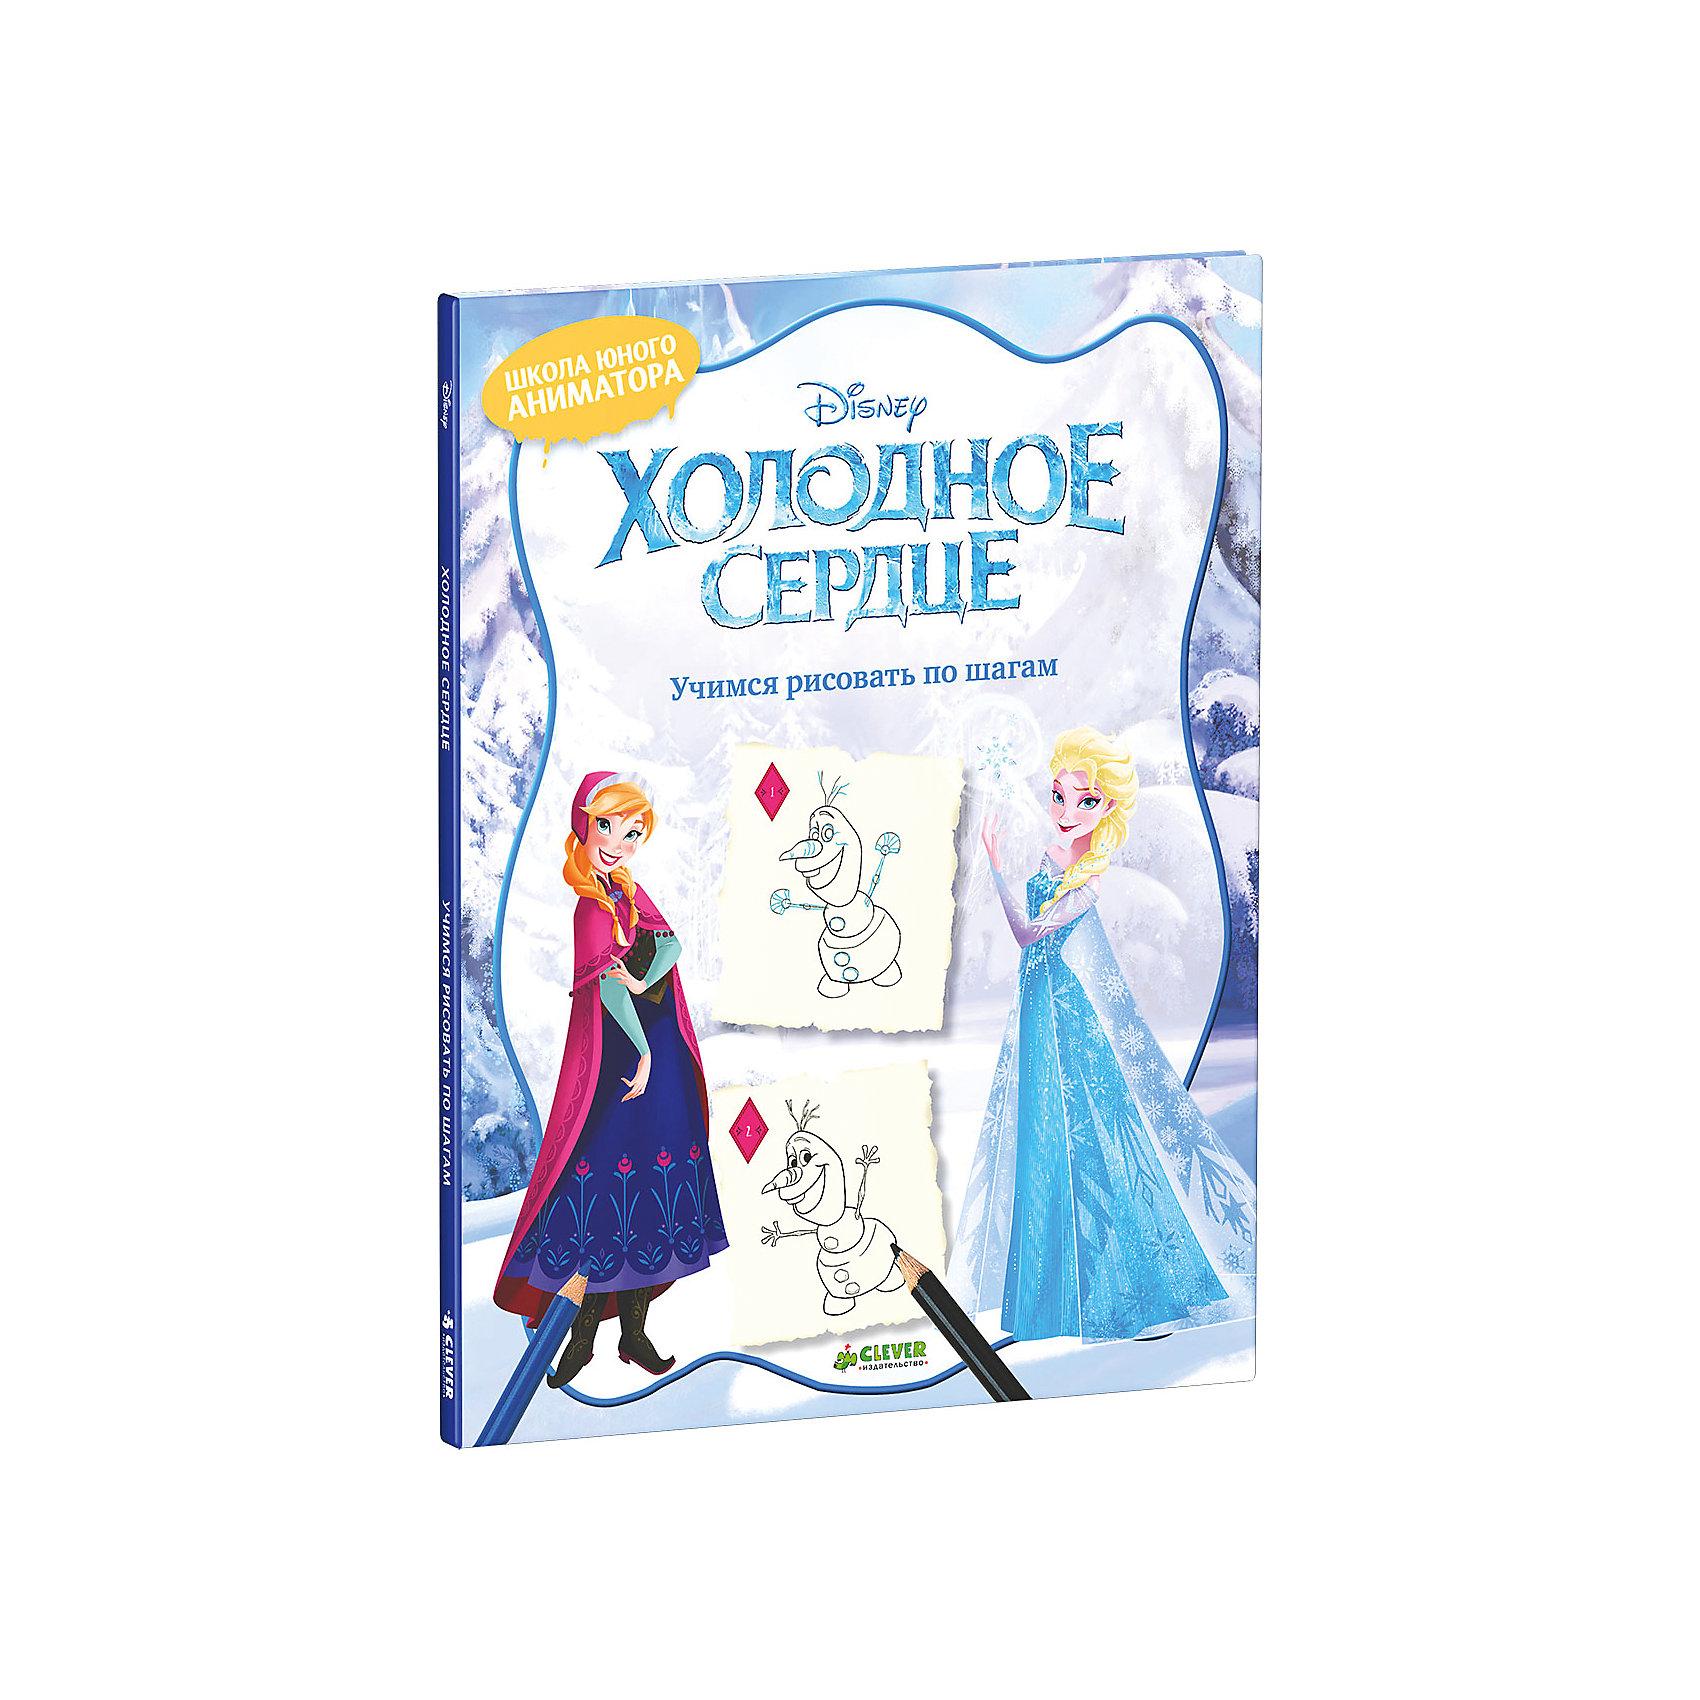 Учимся рисовать по шагам, Холодное сердцеПошаговая рисовалка Холодное сердце (Frozen) обязательно понравится всем поклонницам Disney princess (Принцессы Дисней). Наверняка, ты всегда мечтала научиться рисовать любимых героев?  <br>Сестёр Анну и Эльзу, весёлого снеговика Олафа, Кристоффа и его помощника Свена? Скорее открывай нашу замечательную книжку-рисовалку, бери карандаши - и следуй чётким пошаговым инструкциям. Посмотри, как любимые герои оживают прямо на глазах!<br><br>Дополнительная информация:<br><br>- Формат: 21,5х28 см.<br>- Количество страниц: 64.<br>- Переплет: мягкий.<br>- Иллюстрации: цветные, черно-белые.<br><br>Книгу Учимся рисовать по шагам, Холодное сердце, можно купить в нашем магазине.<br><br>Ширина мм: 210<br>Глубина мм: 280<br>Высота мм: 8<br>Вес г: 268<br>Возраст от месяцев: 48<br>Возраст до месяцев: 72<br>Пол: Женский<br>Возраст: Детский<br>SKU: 4419564